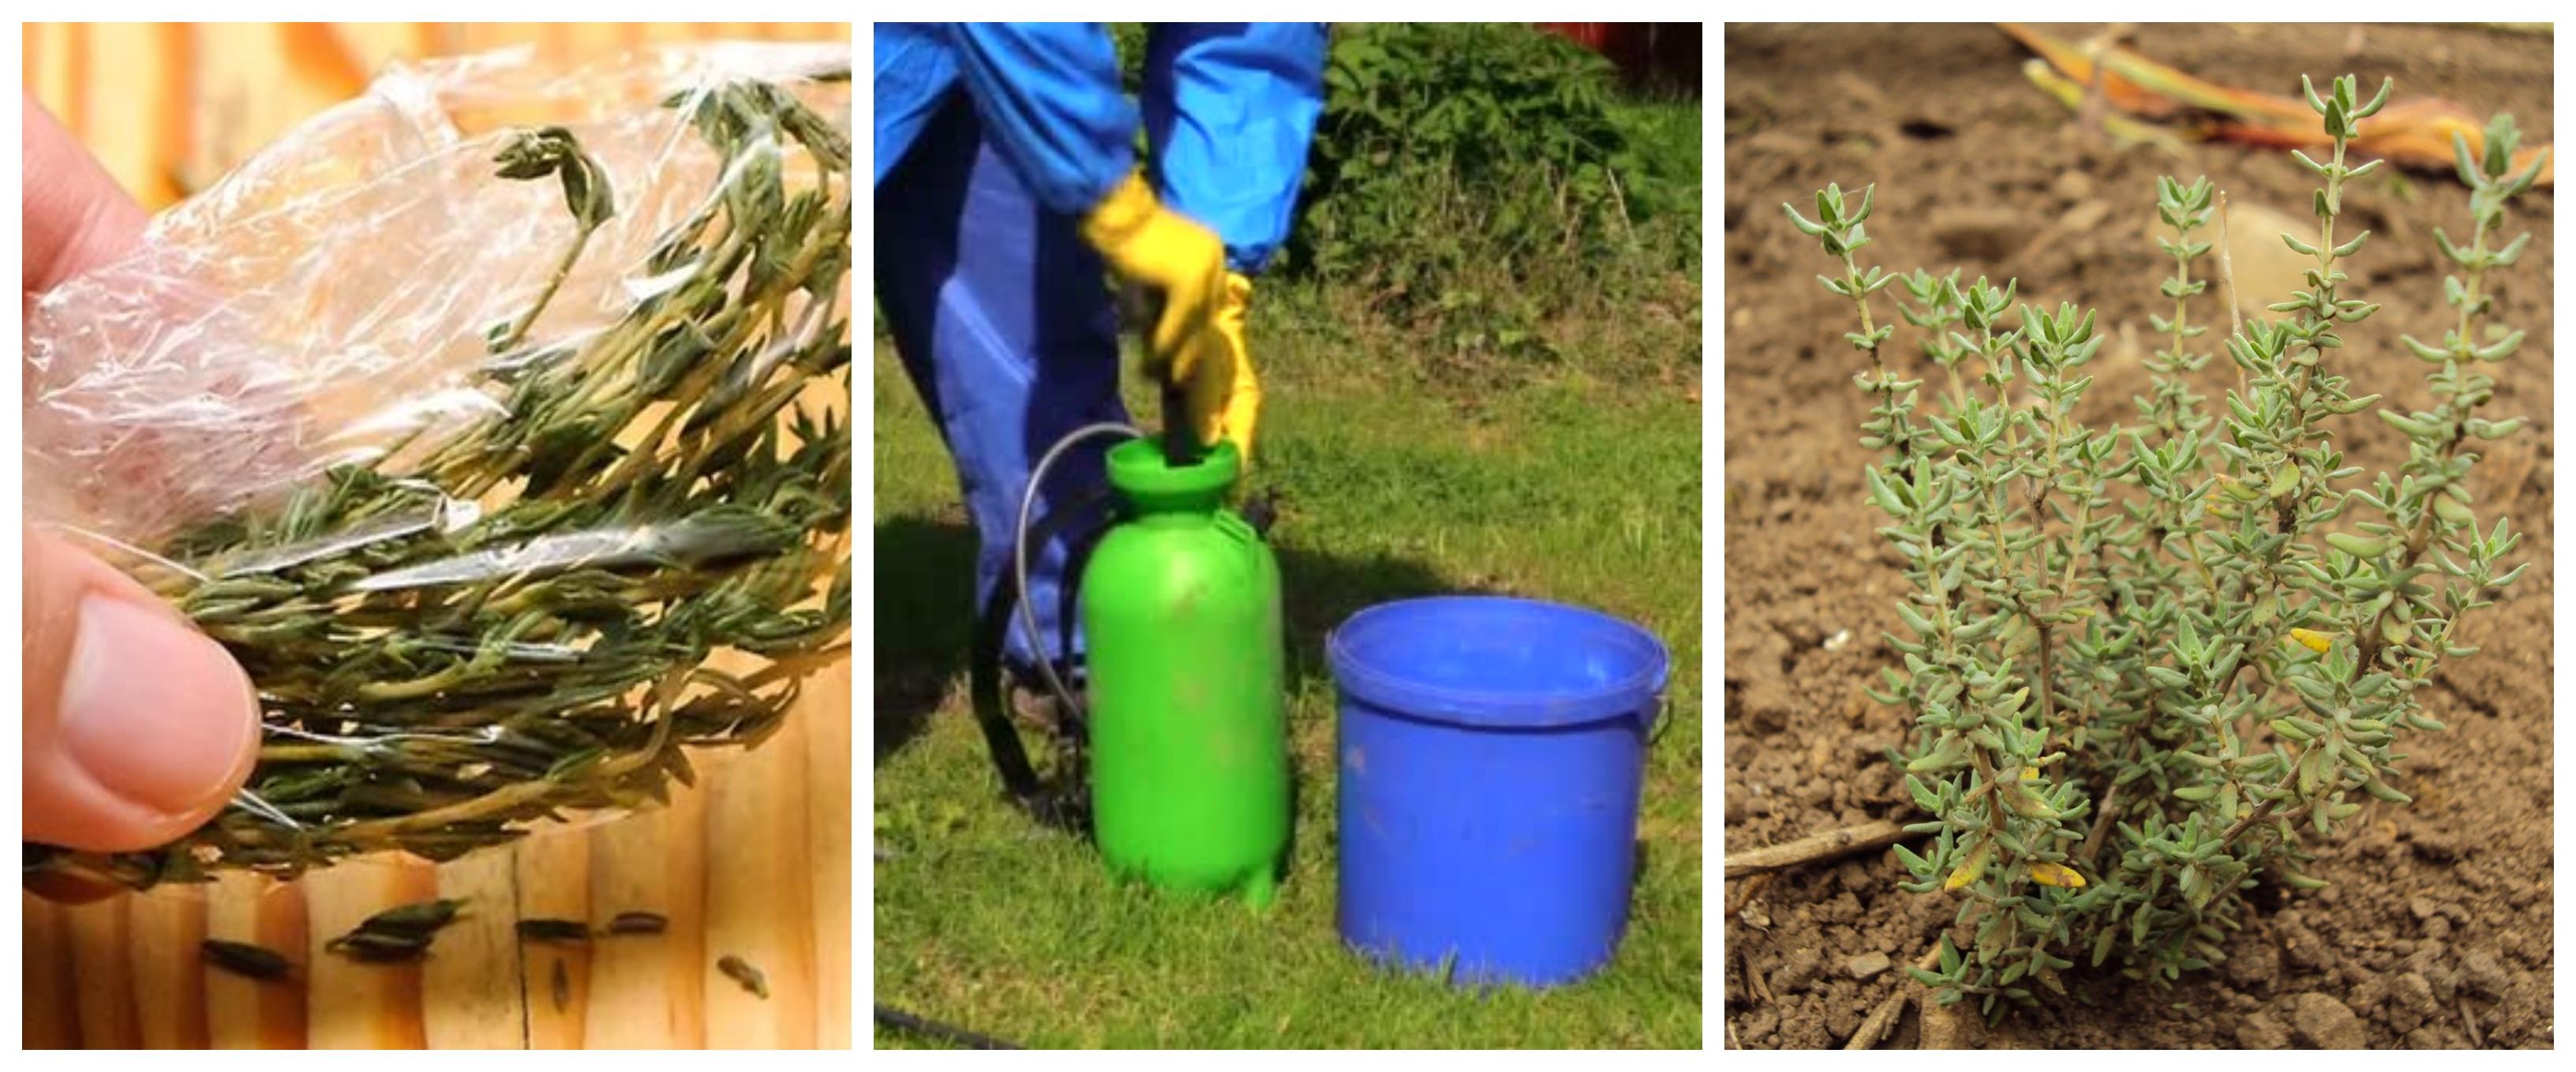 Preparación De Extracto De Tomillo Como Fungicida Y Bactericida